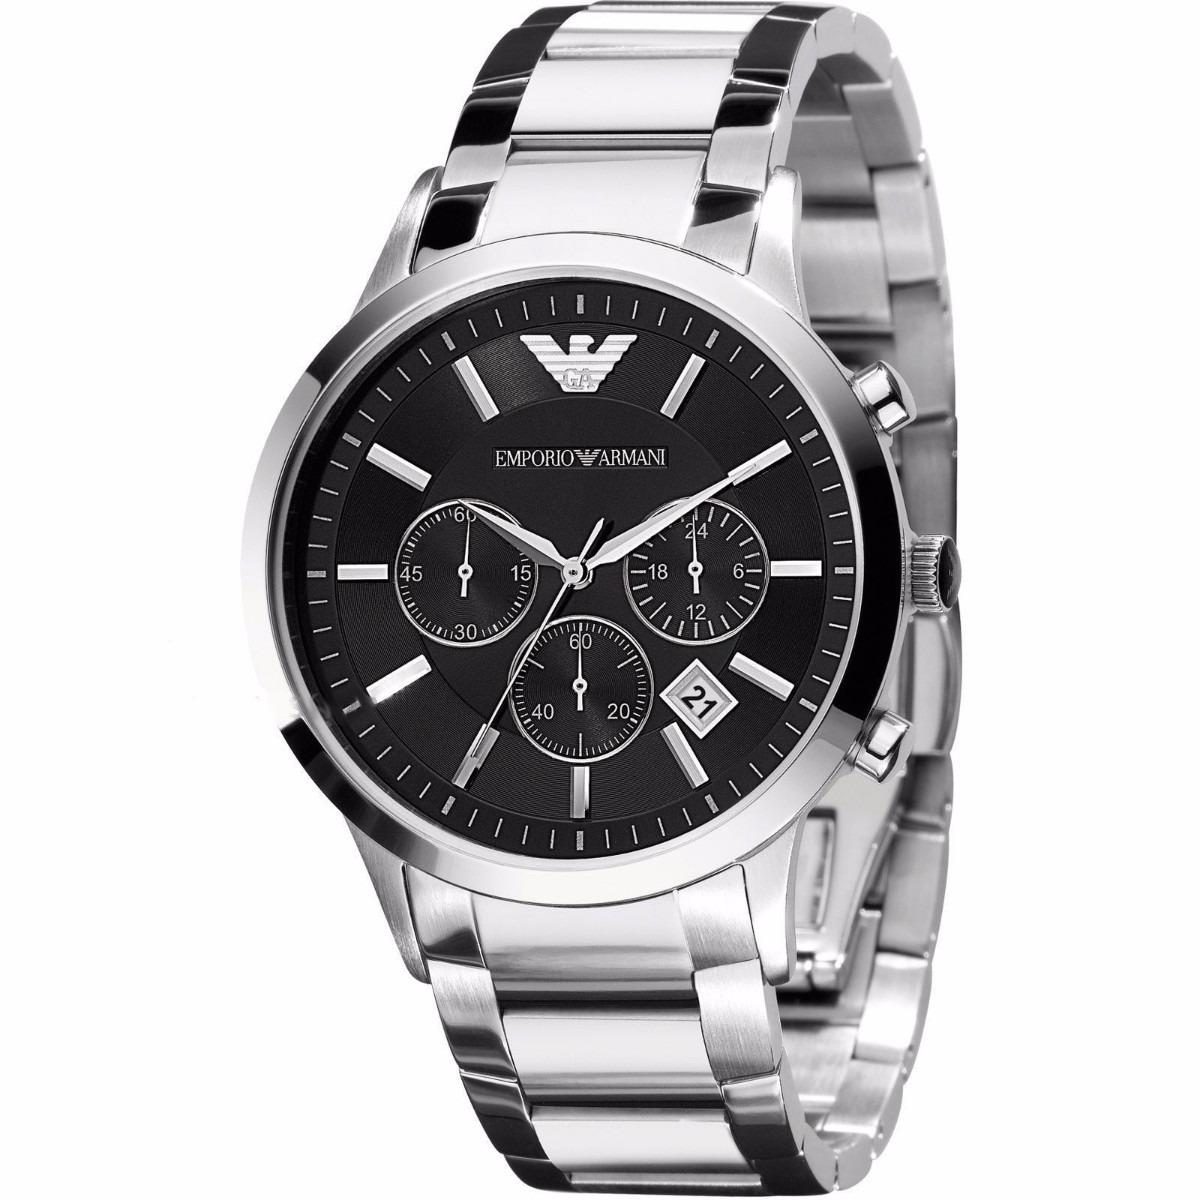 a08d63bdc relógio emporio armani ar2434 prata caixa original garantia. Carregando  zoom.